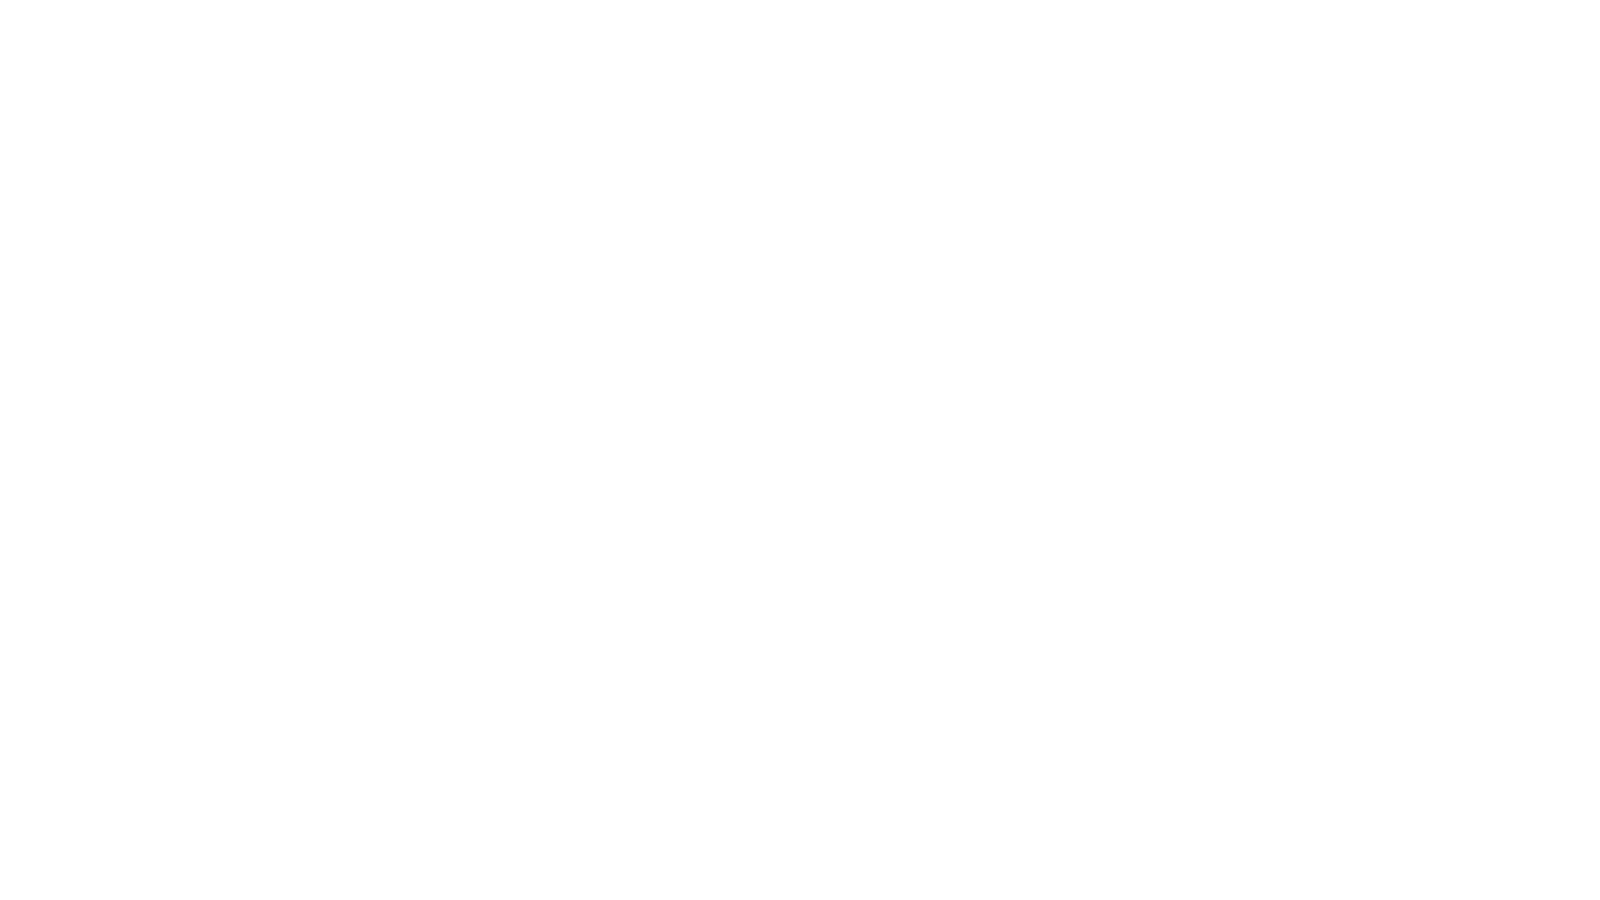 熱電対式の詳しい情報については下記日本ドライケミカル様のホームページをご覧ください。 https://www.ndc-group.co.jp/products/fire_information/sadou/index.html  今回は施工事例のご紹介です。 差動式分布型感知器 熱電対式 の熱電対部取付工事の作業のご紹介です。  差動式分布型という種類の感知器には2種類 ①空気管式・②熱電対式があります。 体育館・工場などの高さがあり・大空間であるような場所に用います。  空気管式が一般的には多いですが、空気管式にはないメリットもあり 弊社では設計段階で各物件様の条件や利用・稼働状況を含めよい方式を選択するようにしております。